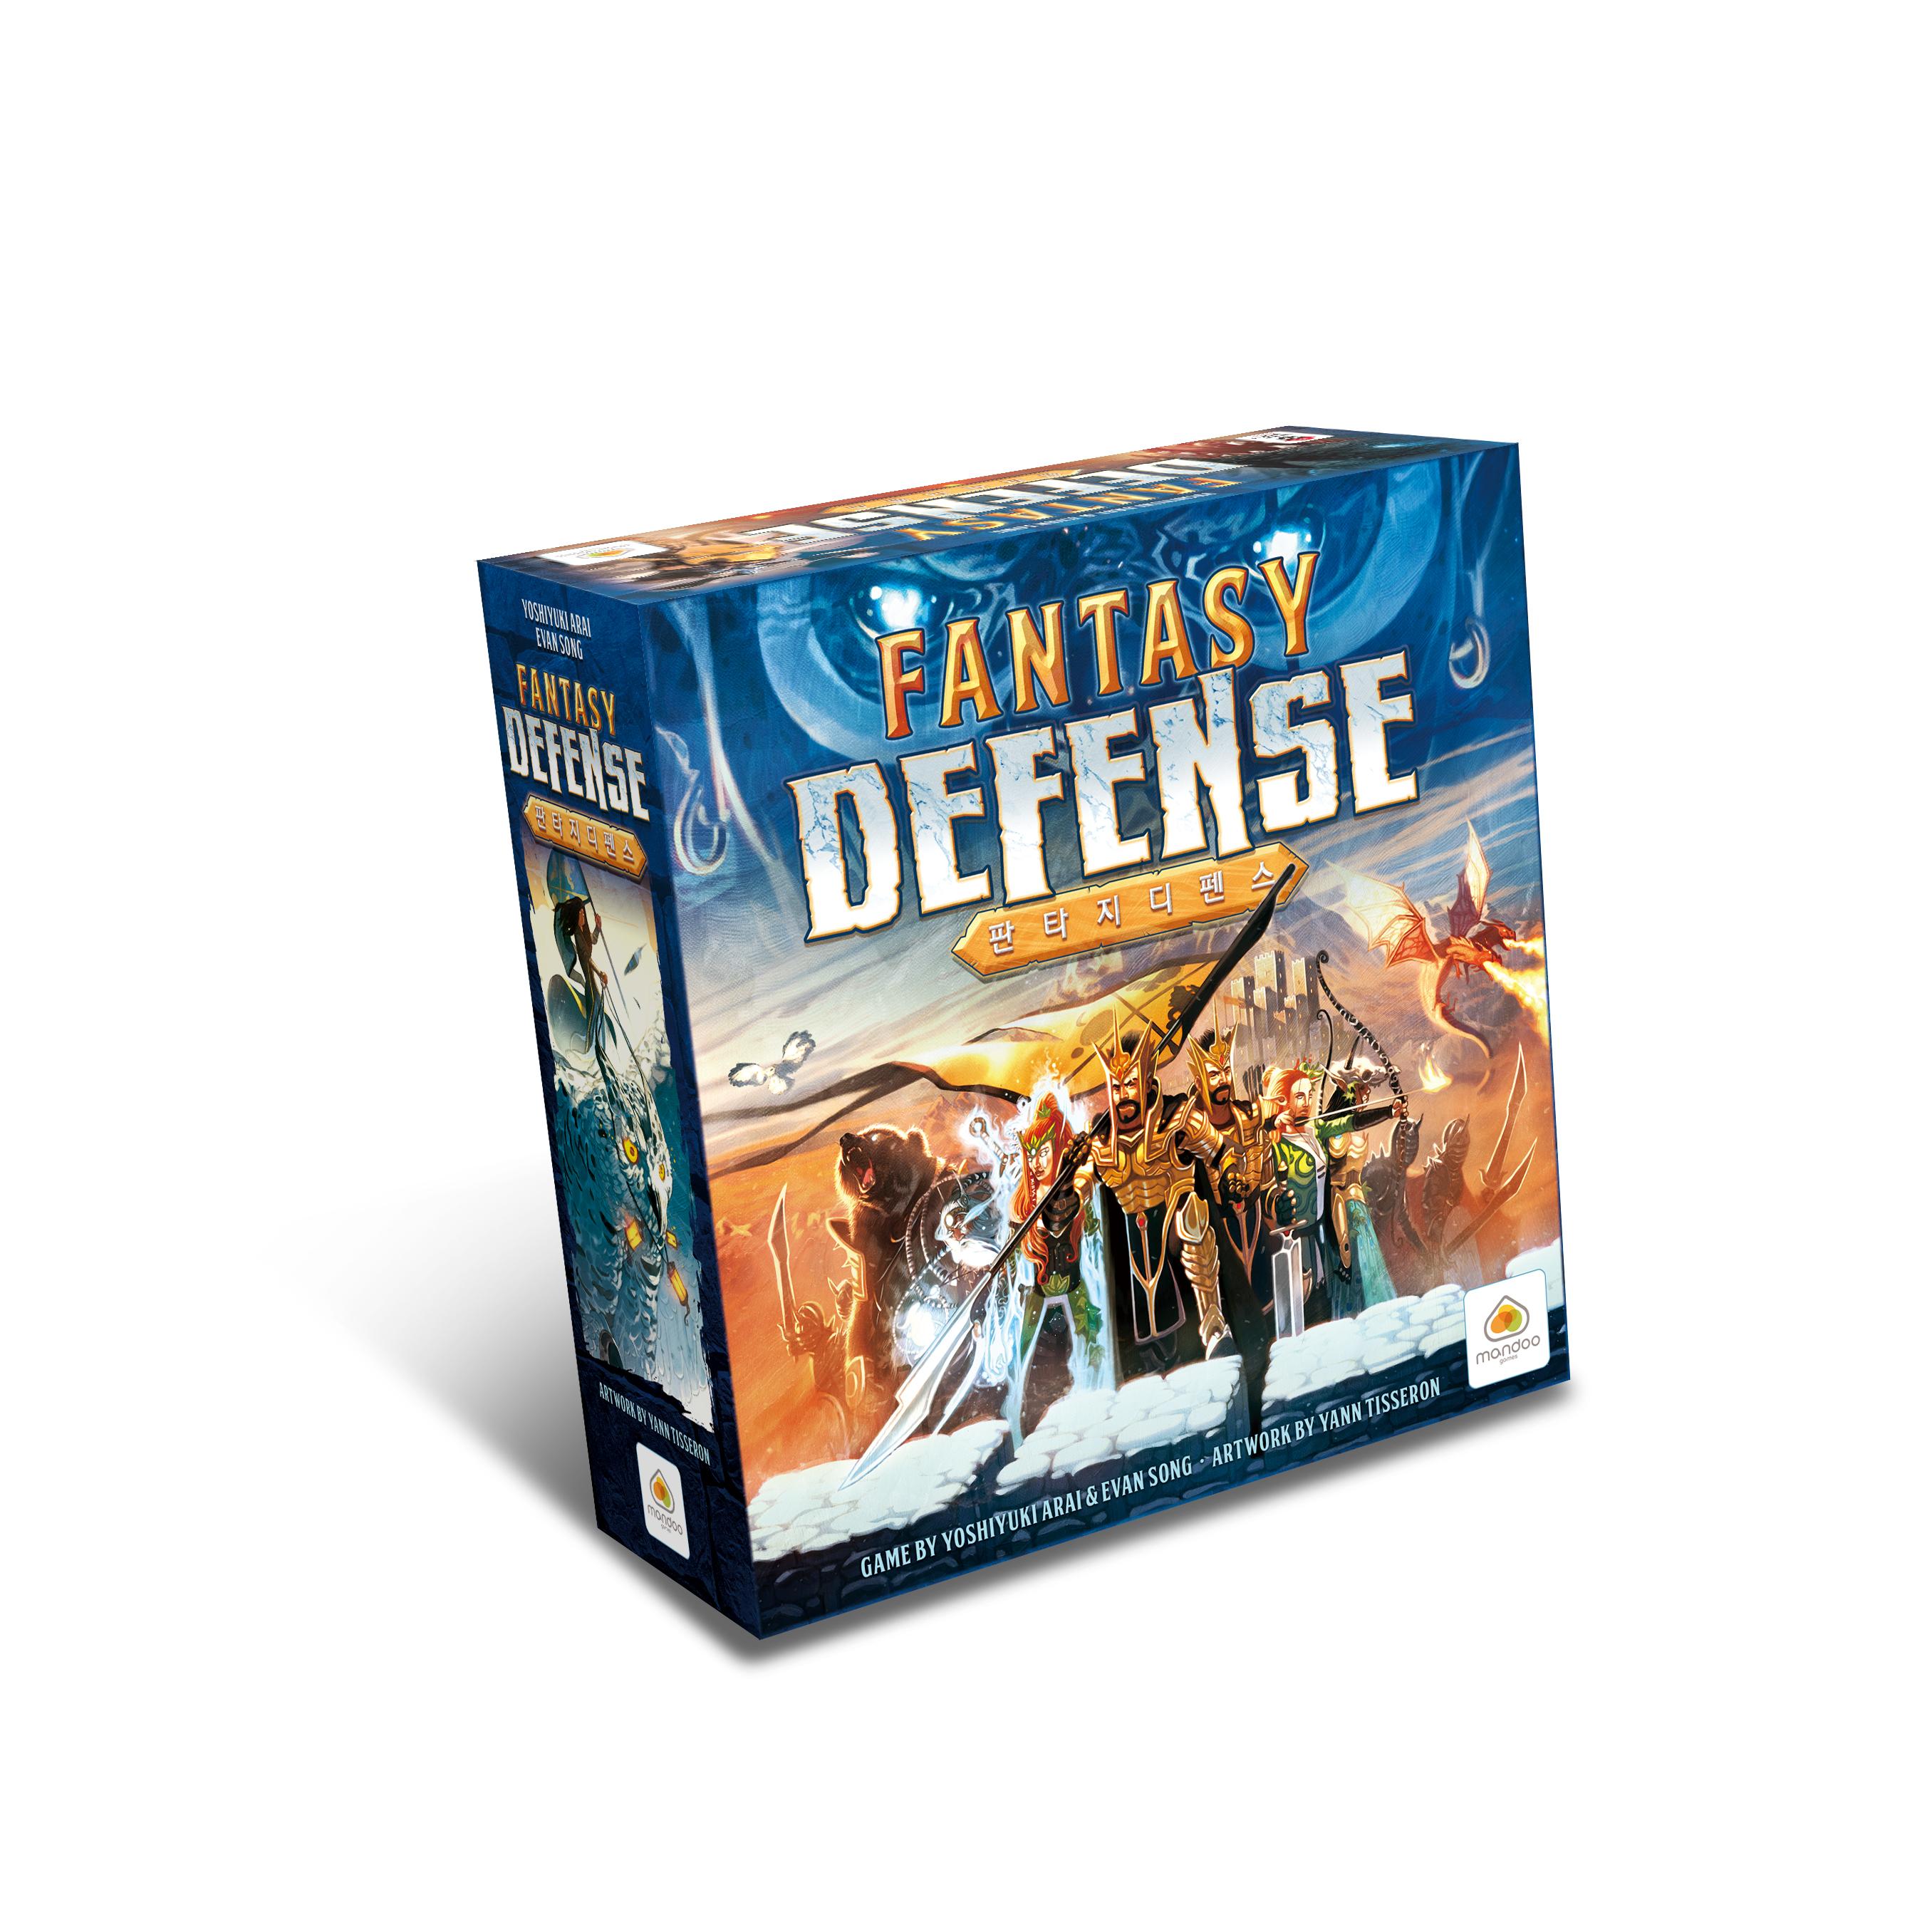 FantasyDefense